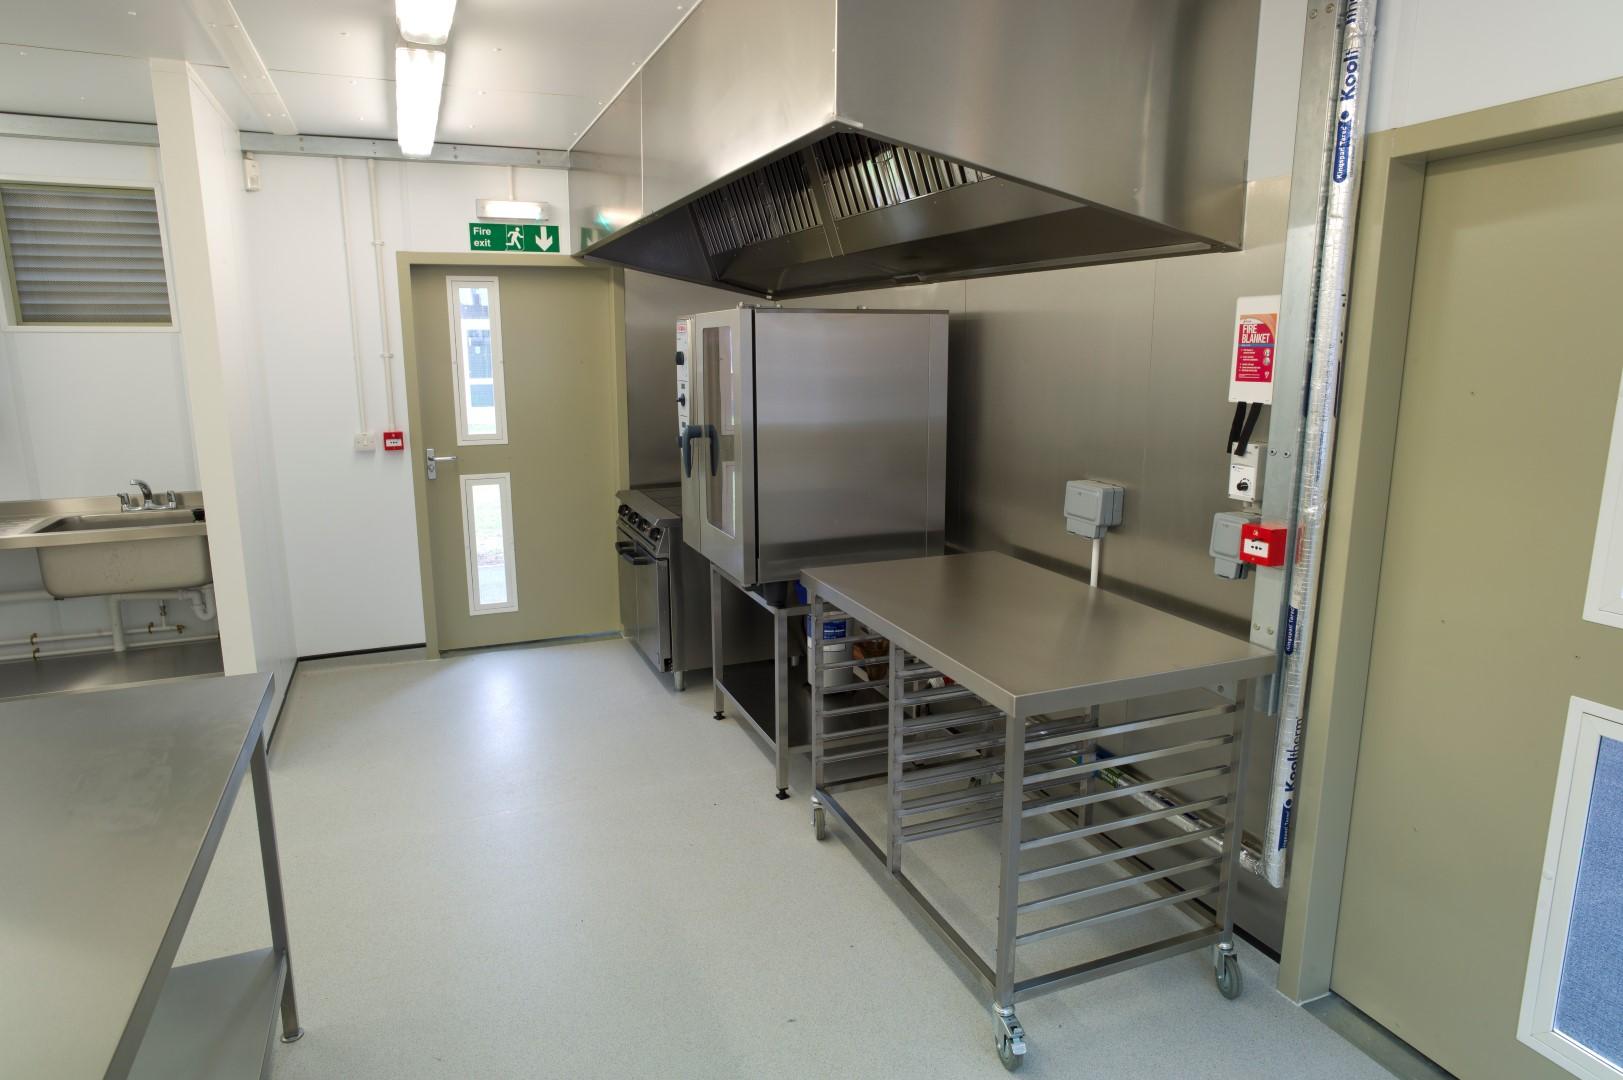 KitchenPod at Whitemoor School